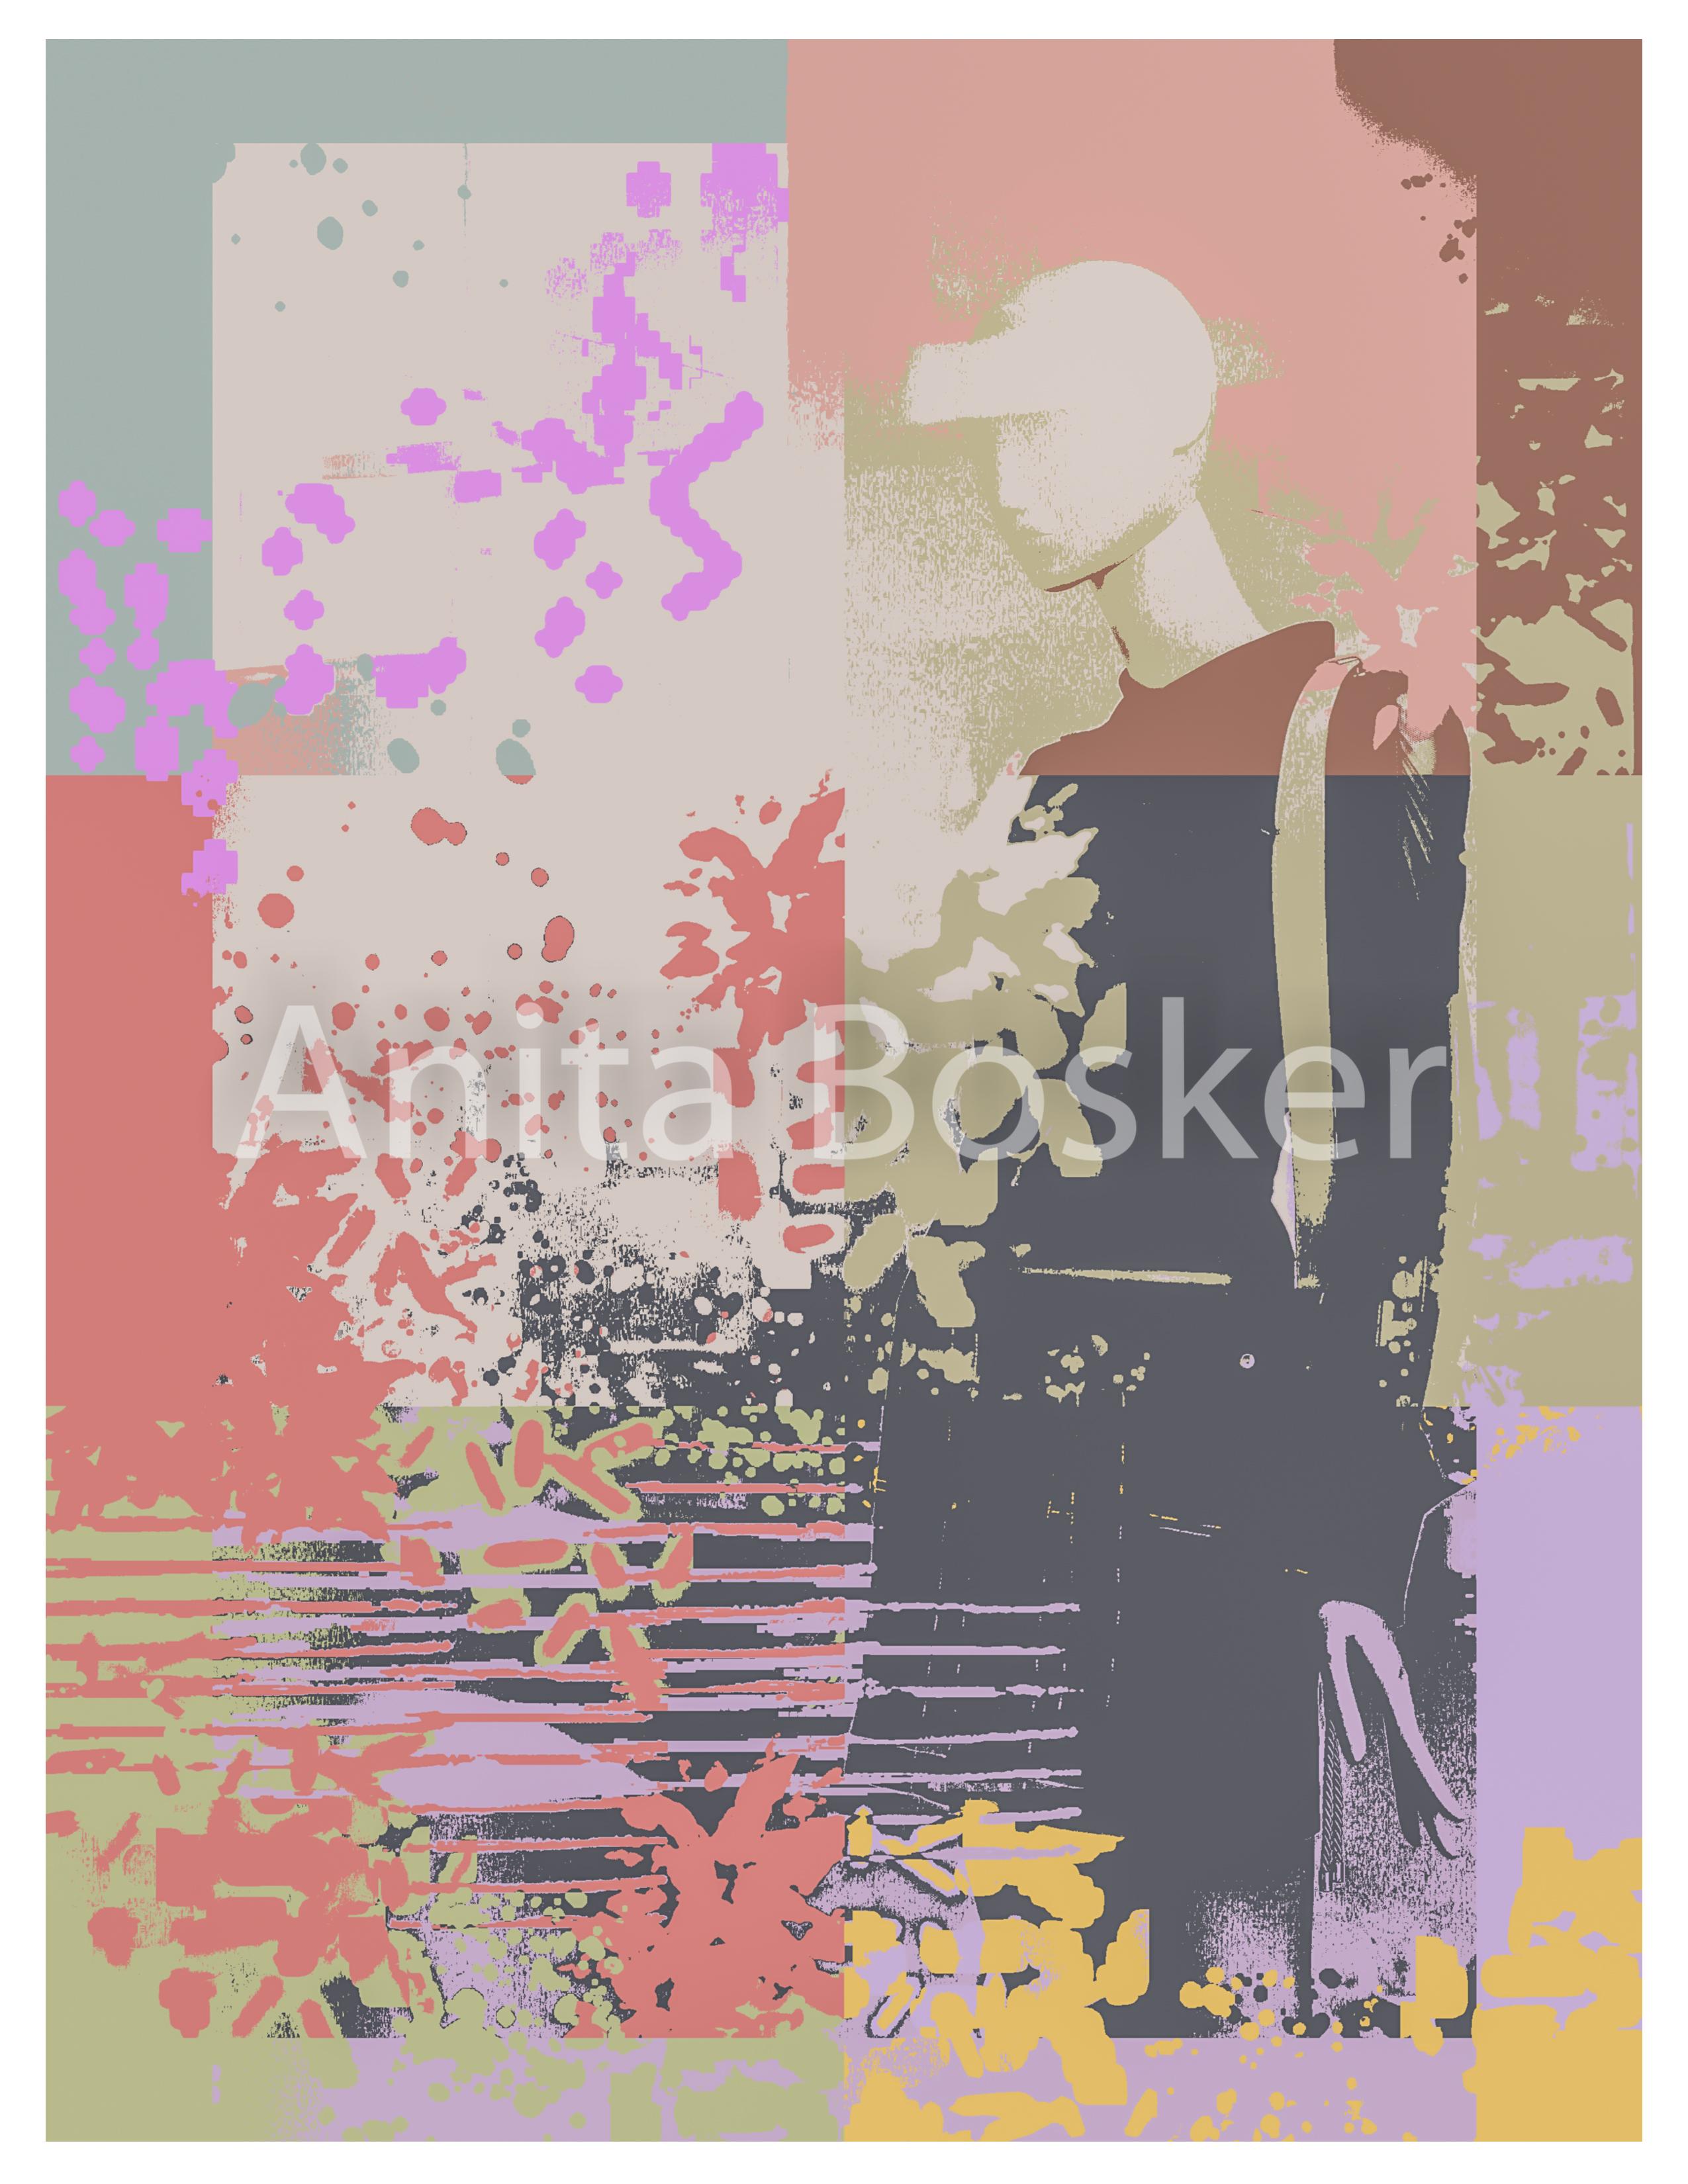 Anita Bosker Hedendaagse kunst